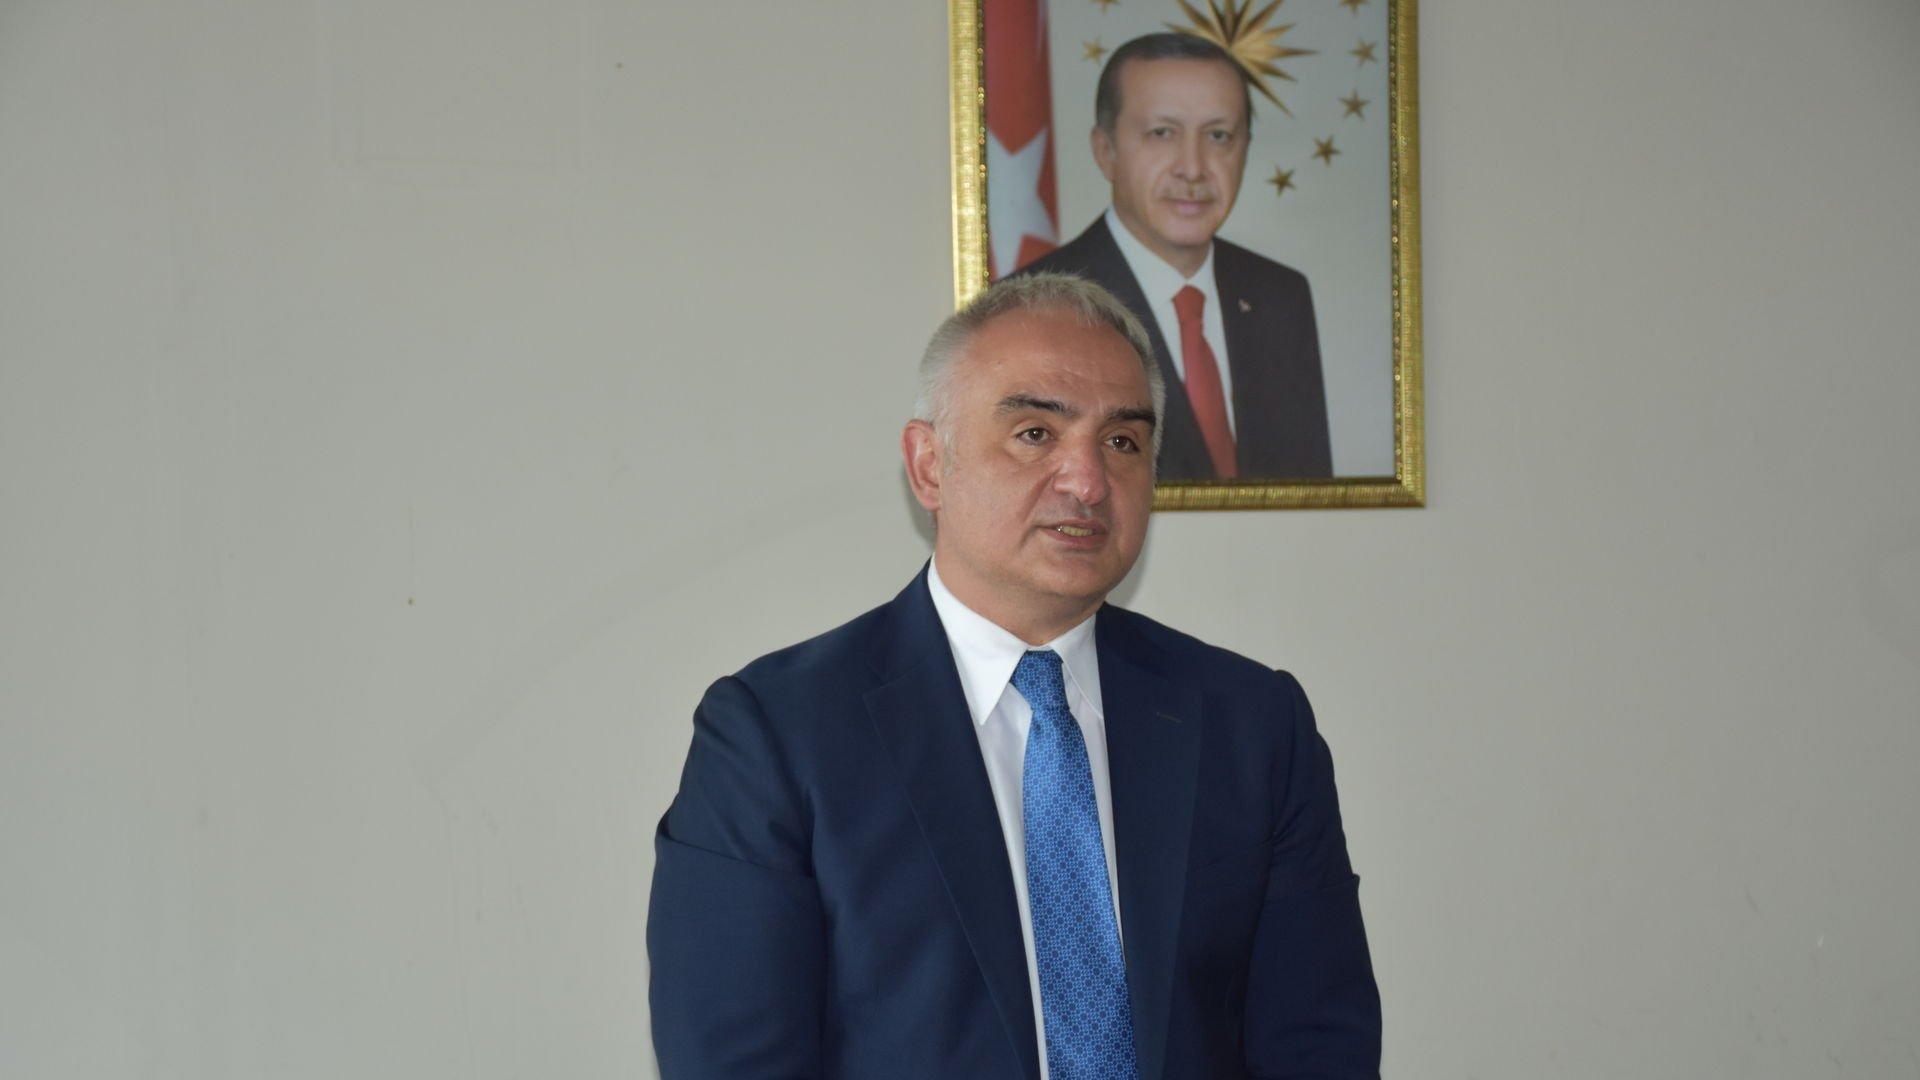 Kültür ve Turizm Bakanı Mehmet Nuri Ersoy'dan Kütüphane Haftası mesajı